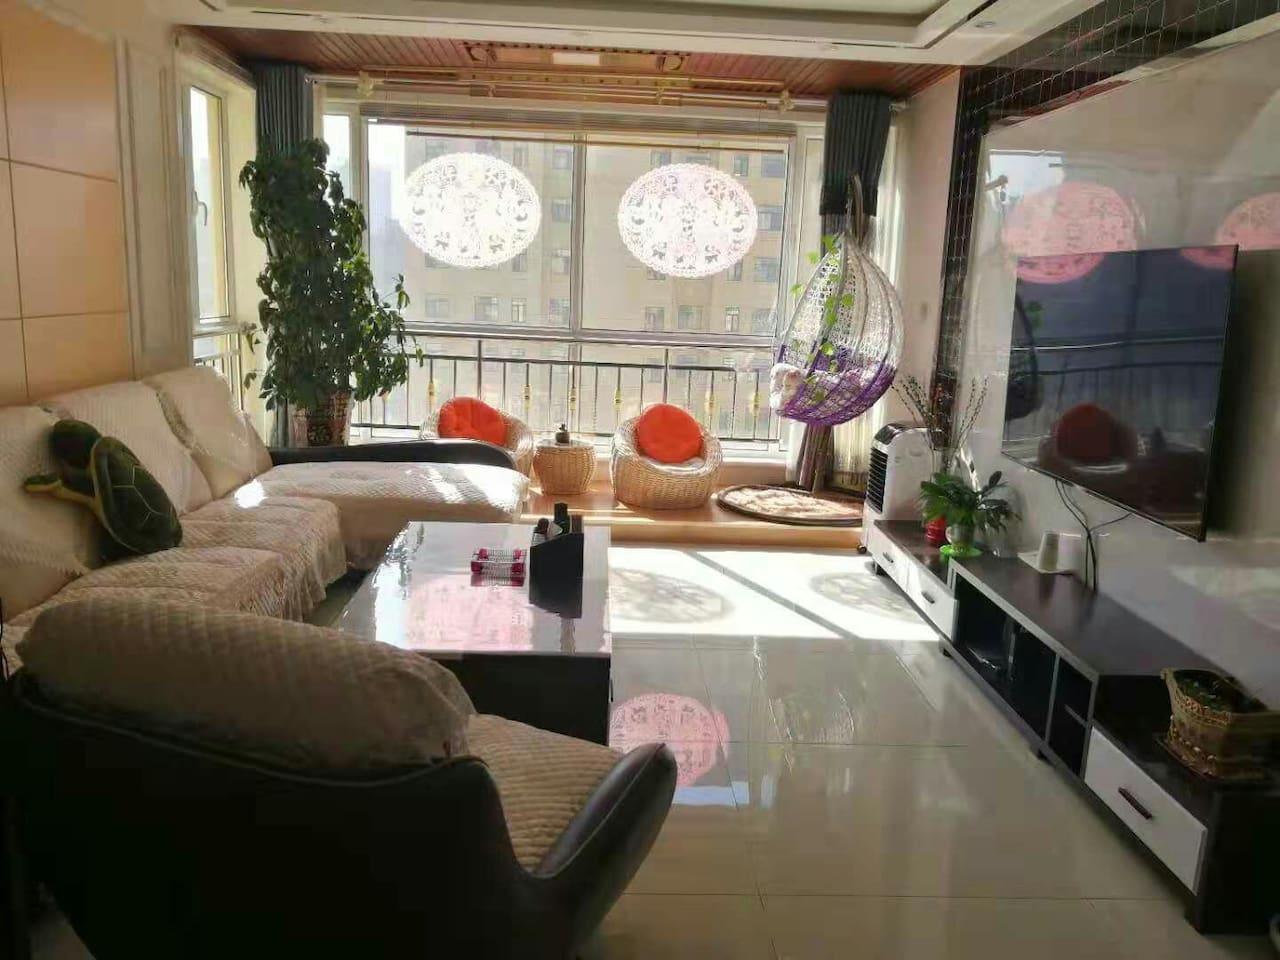 宽敞明亮的客厅,光线充阻,通风舒适